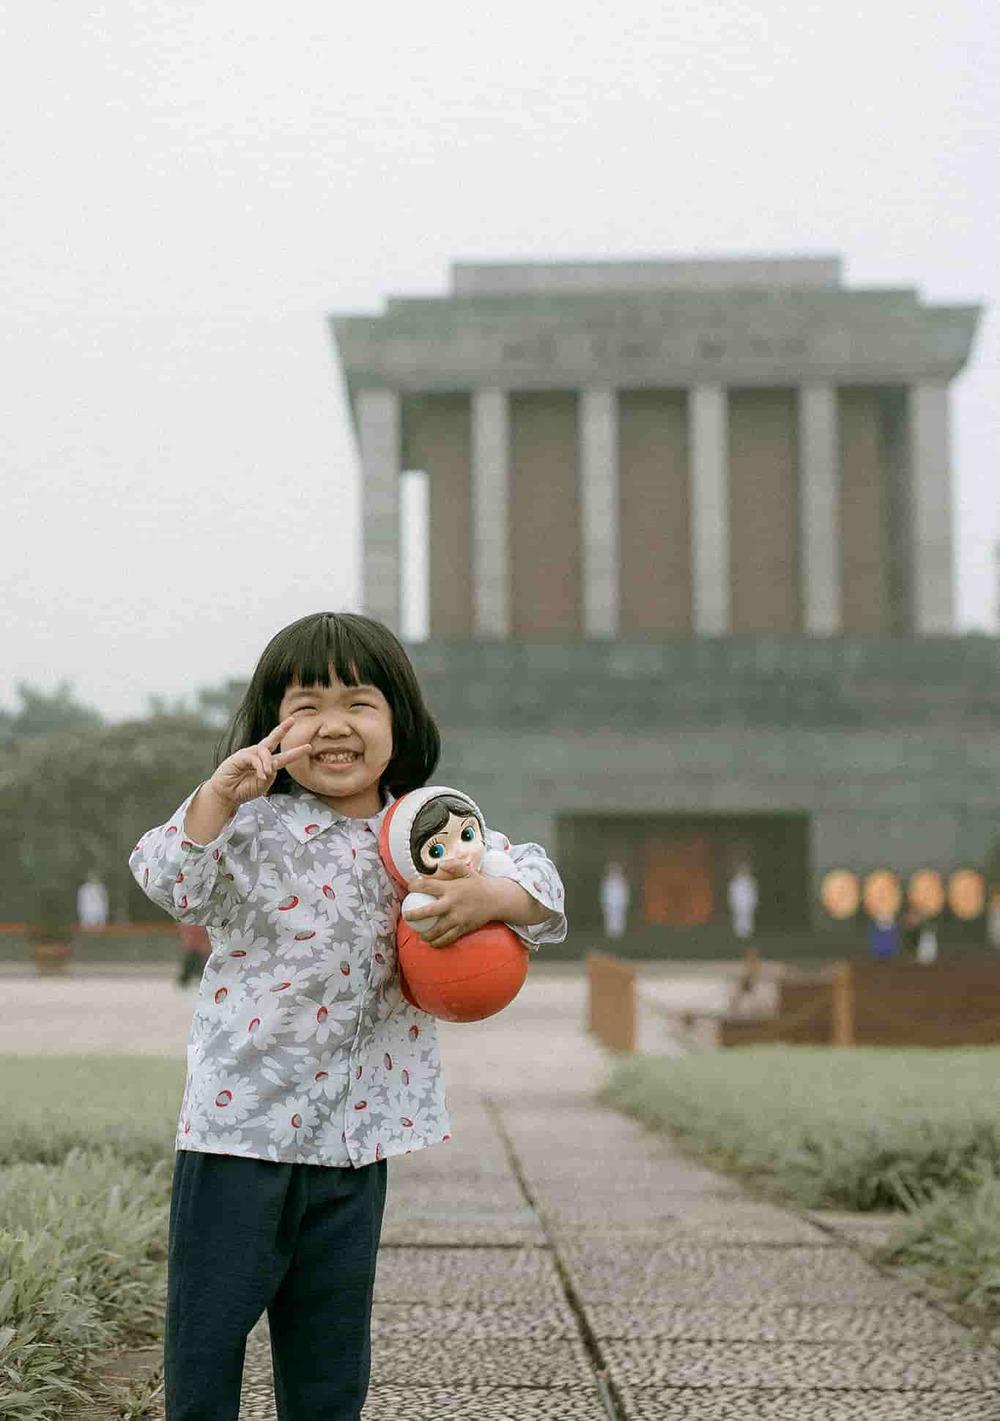 Bộ ảnh Em bé Hà Nội siêu đáng yêu và câu chuyện ý nghĩa phía sau-1